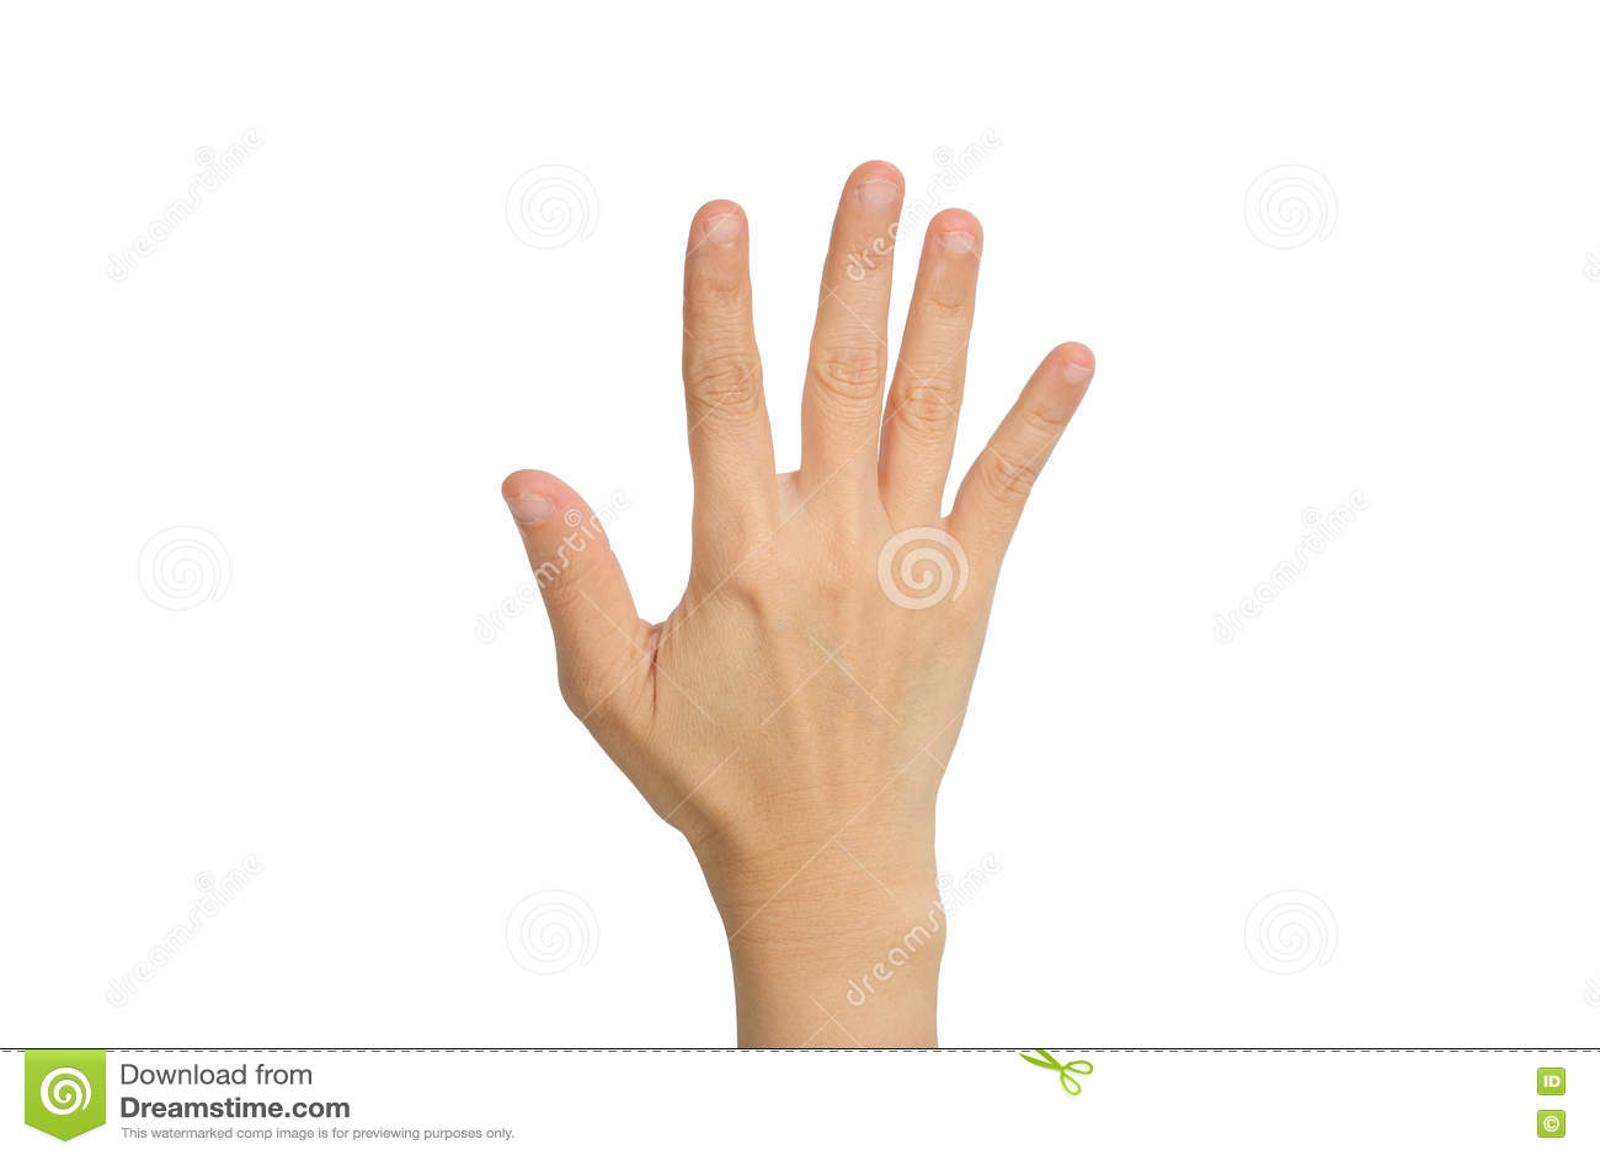 显示五个手指的手